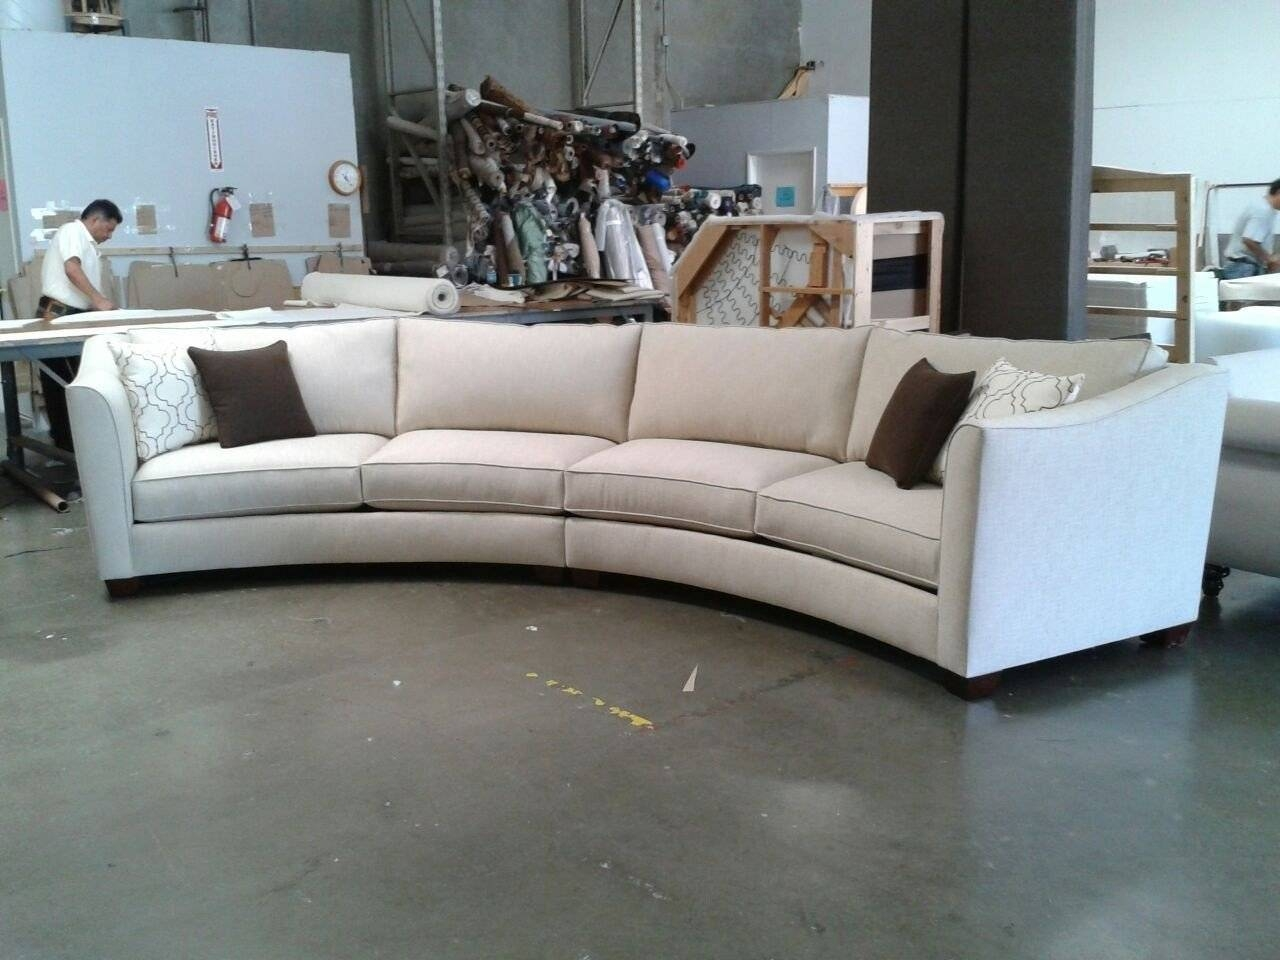 Fascinating Semi Circular Sectional Sofa 54 For 10 Piece Sectional in 10 Piece Sectional Sofa (Image 11 of 30)